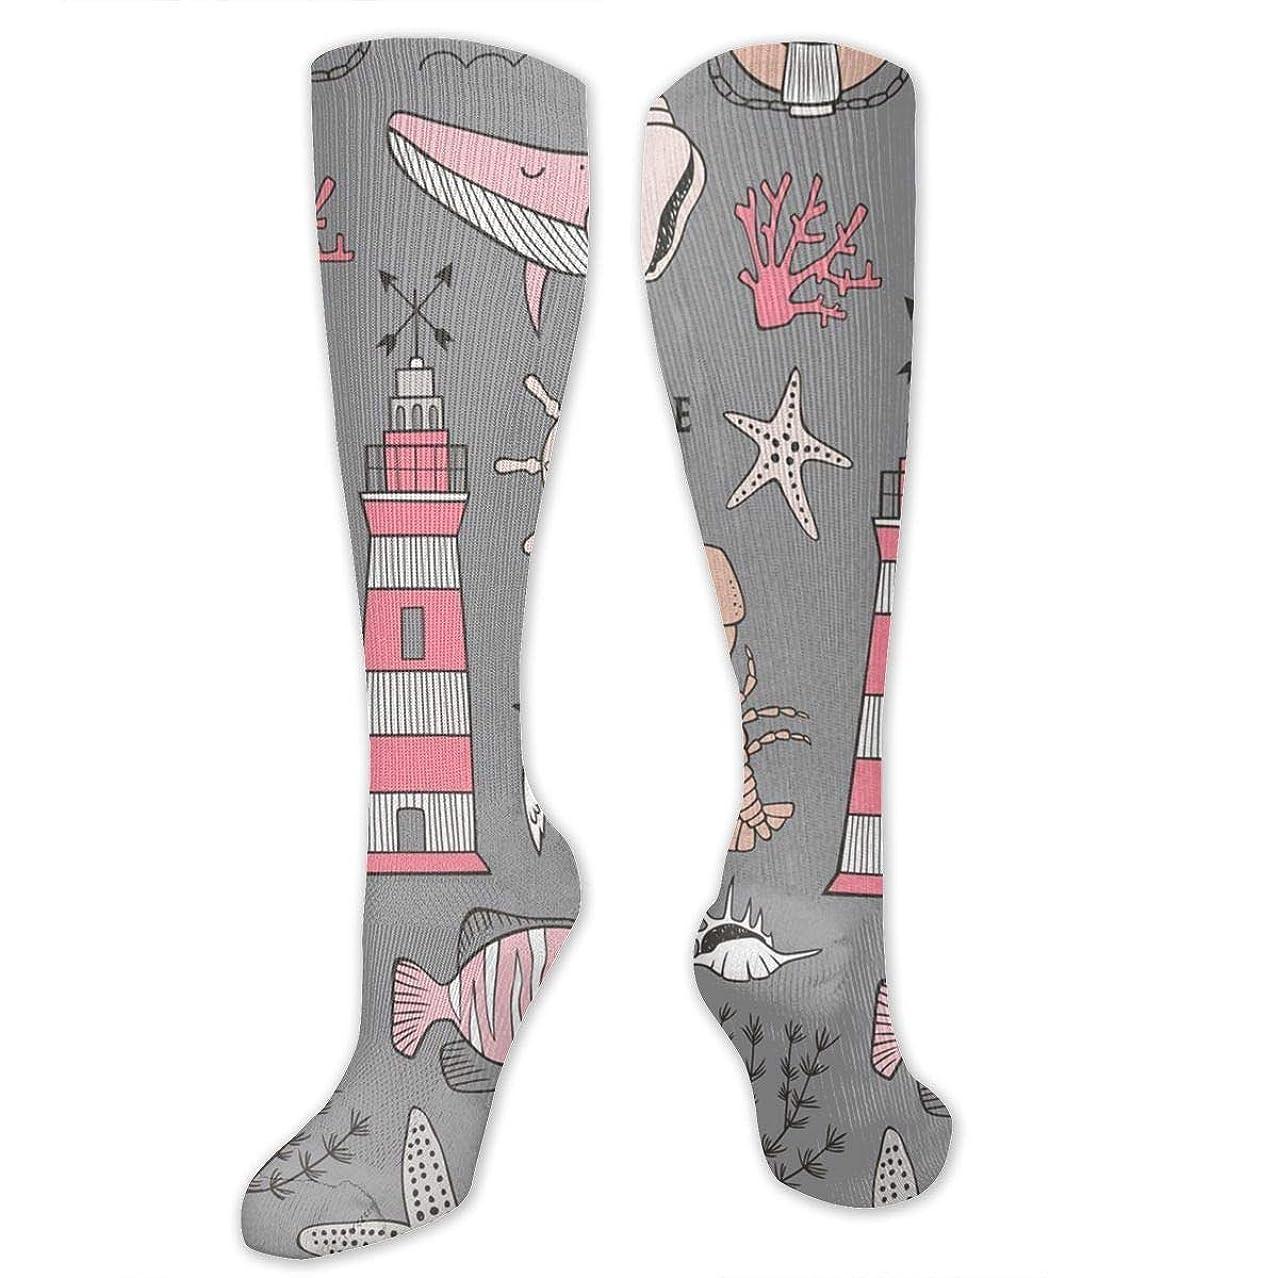 護衛不純情報靴下,ストッキング,野生のジョーカー,実際,秋の本質,冬必須,サマーウェア&RBXAA Whale,Lighthouse,Anchor Socks Women's Winter Cotton Long Tube Socks Cotton Solid & Patterned Dress Socks